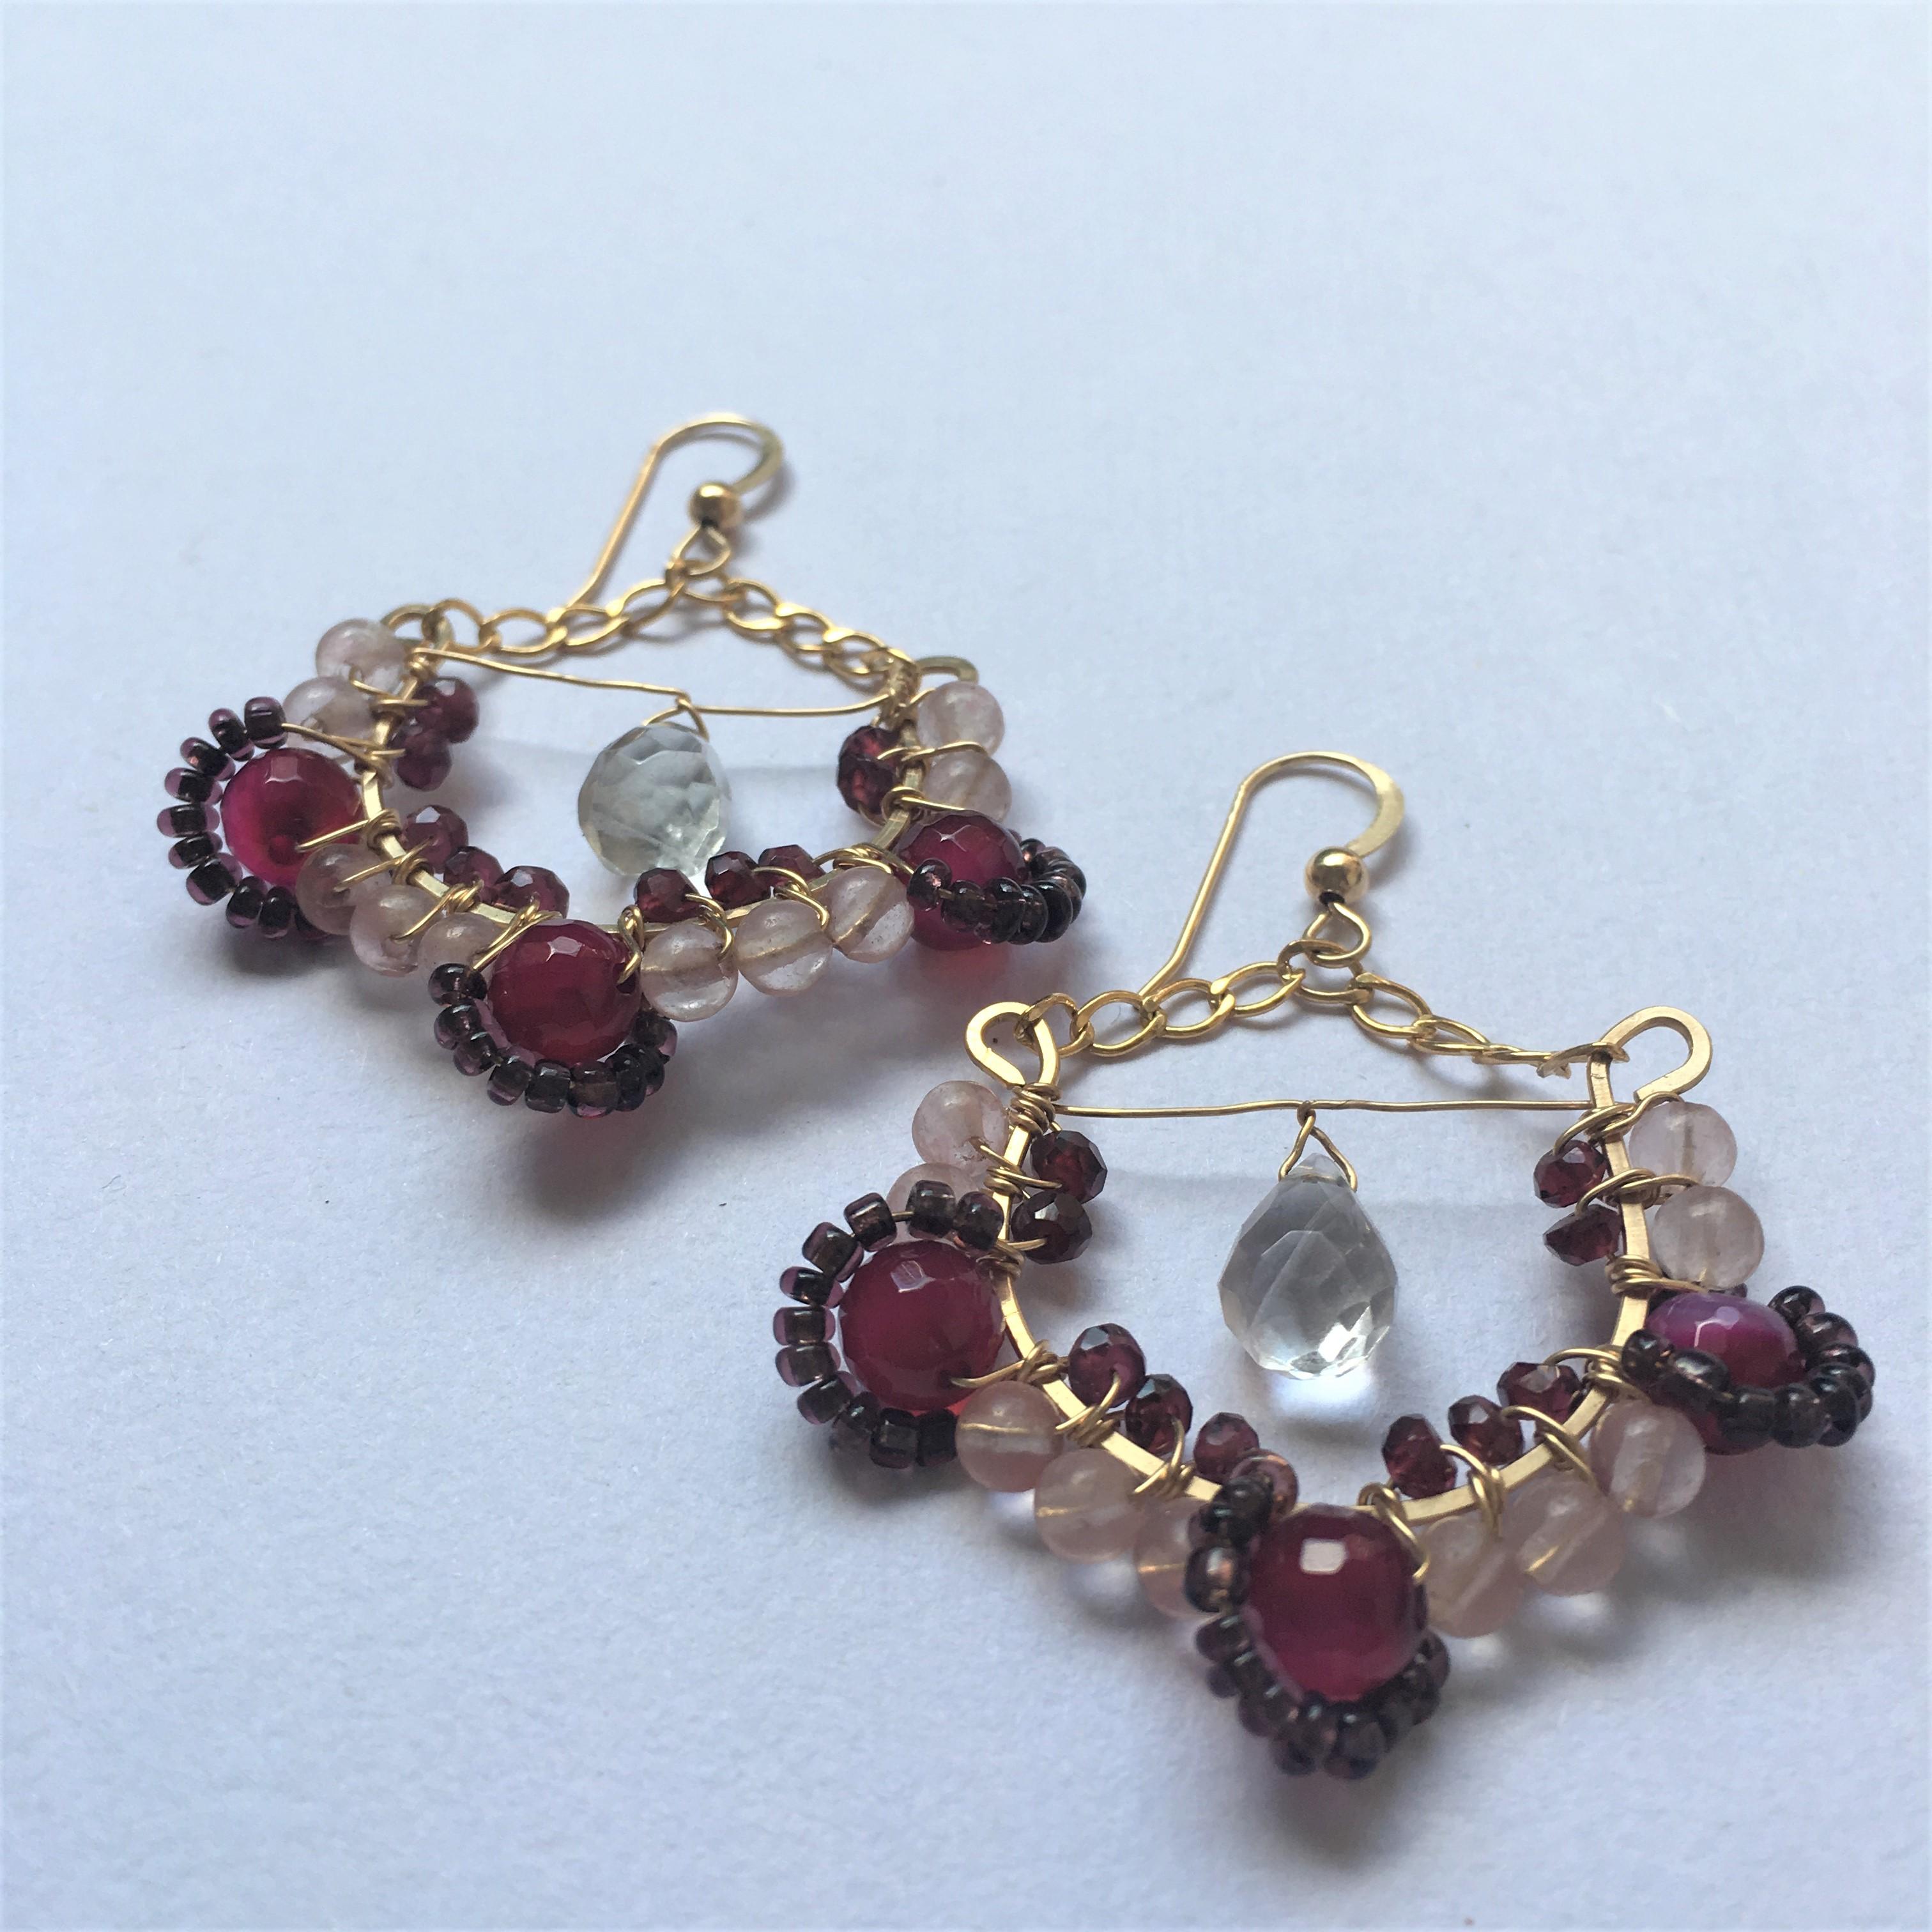 Gypsy swing earrings